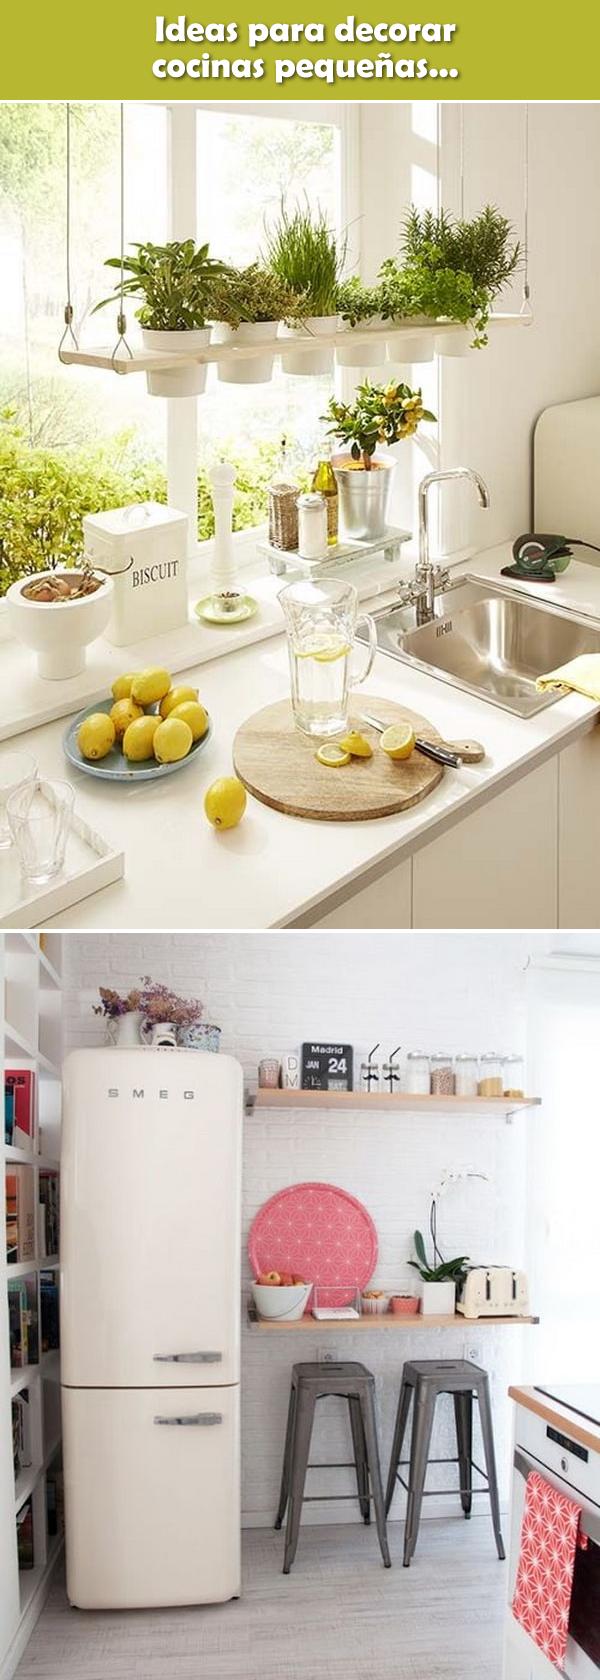 Cocinas pequeñas. Ideas para decorar cocinas pequeñas. | Decoracion ...